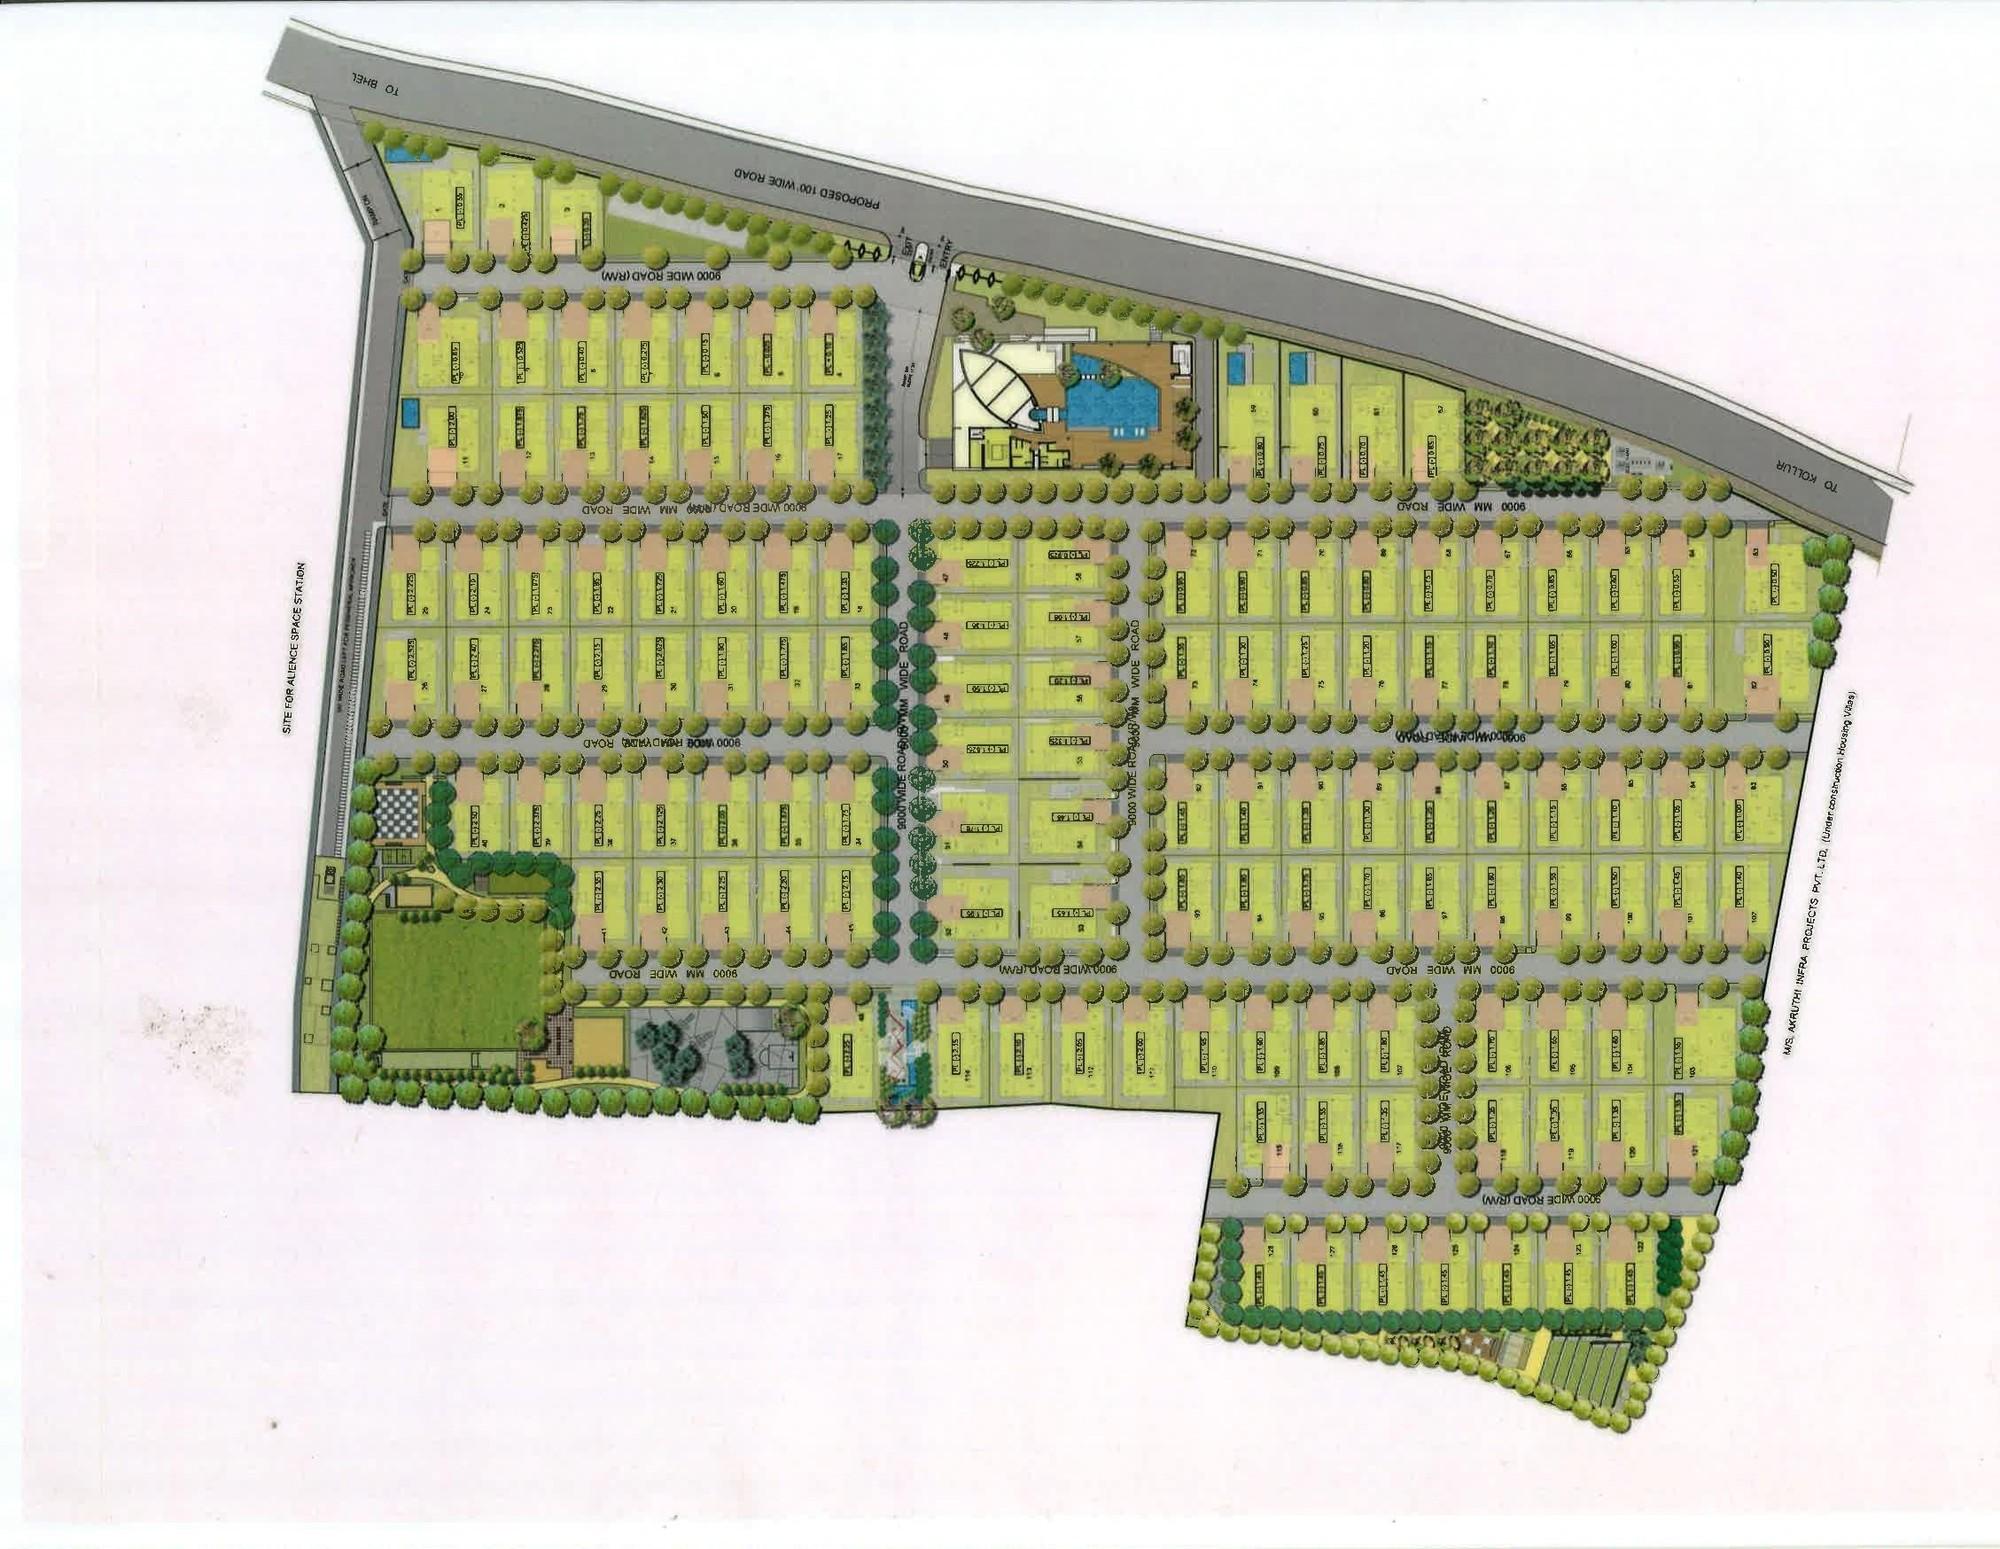 nivee-gardens-masterplan